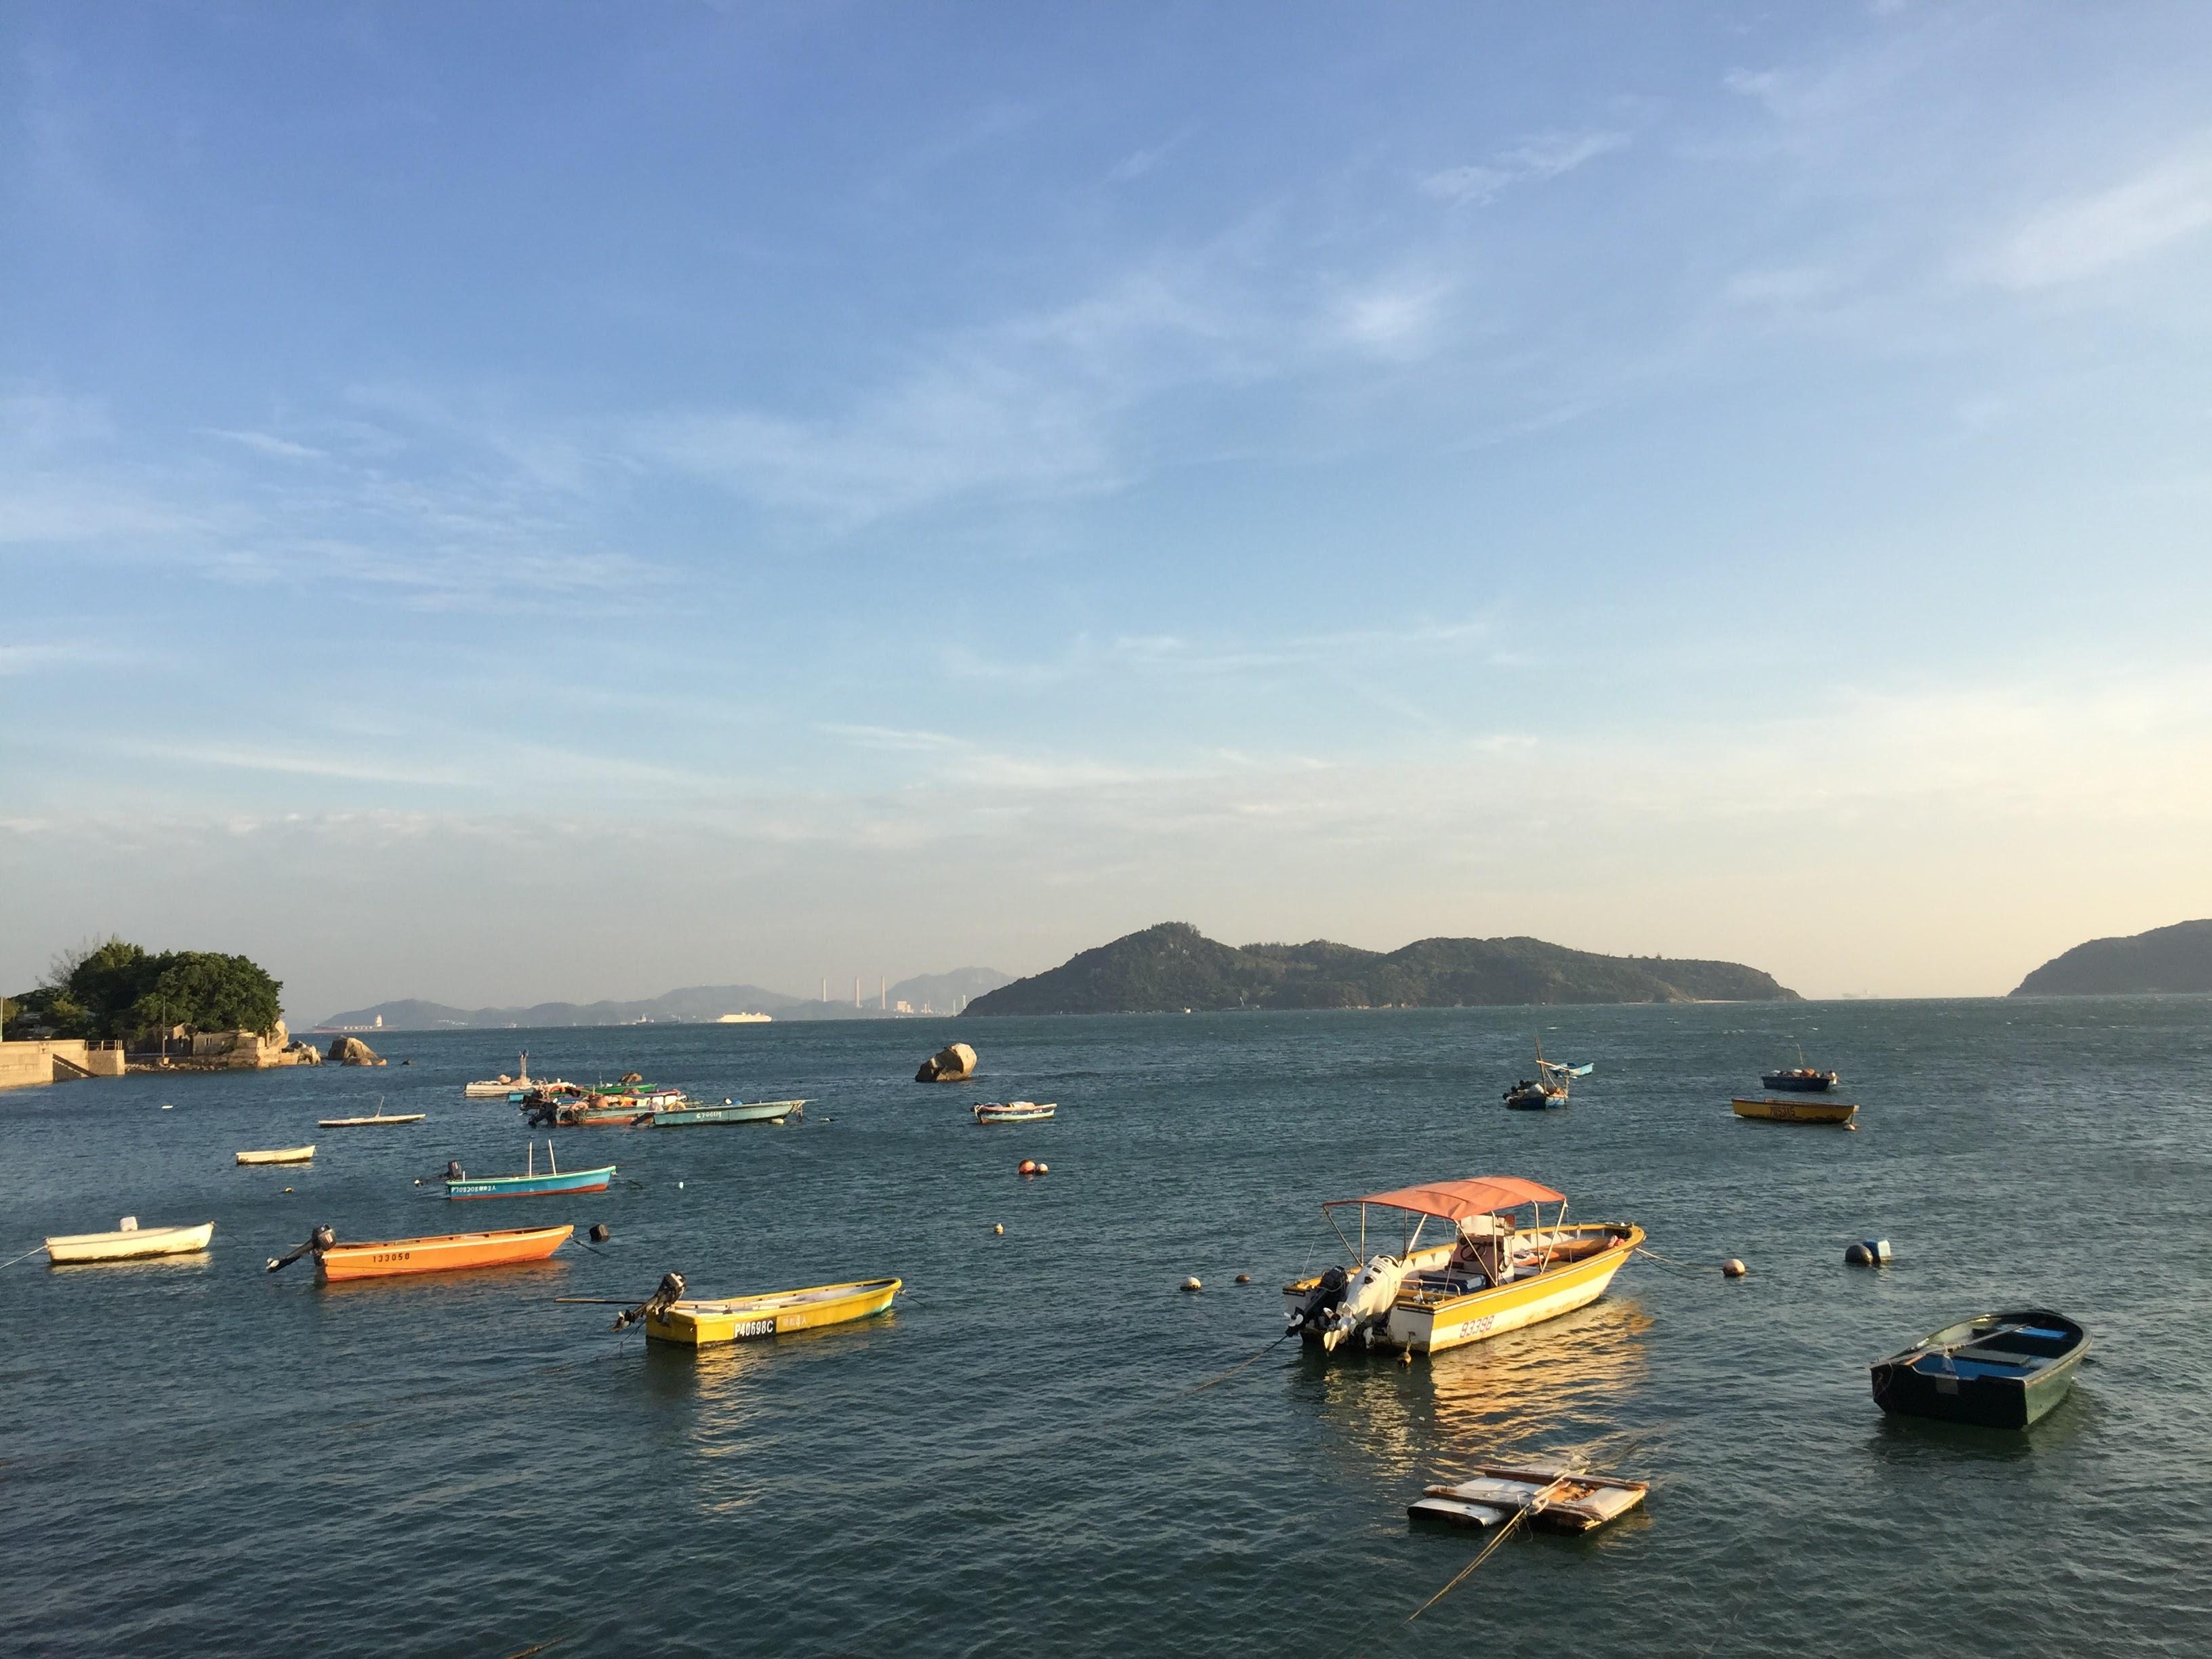 Peng Chau, Hong Kong